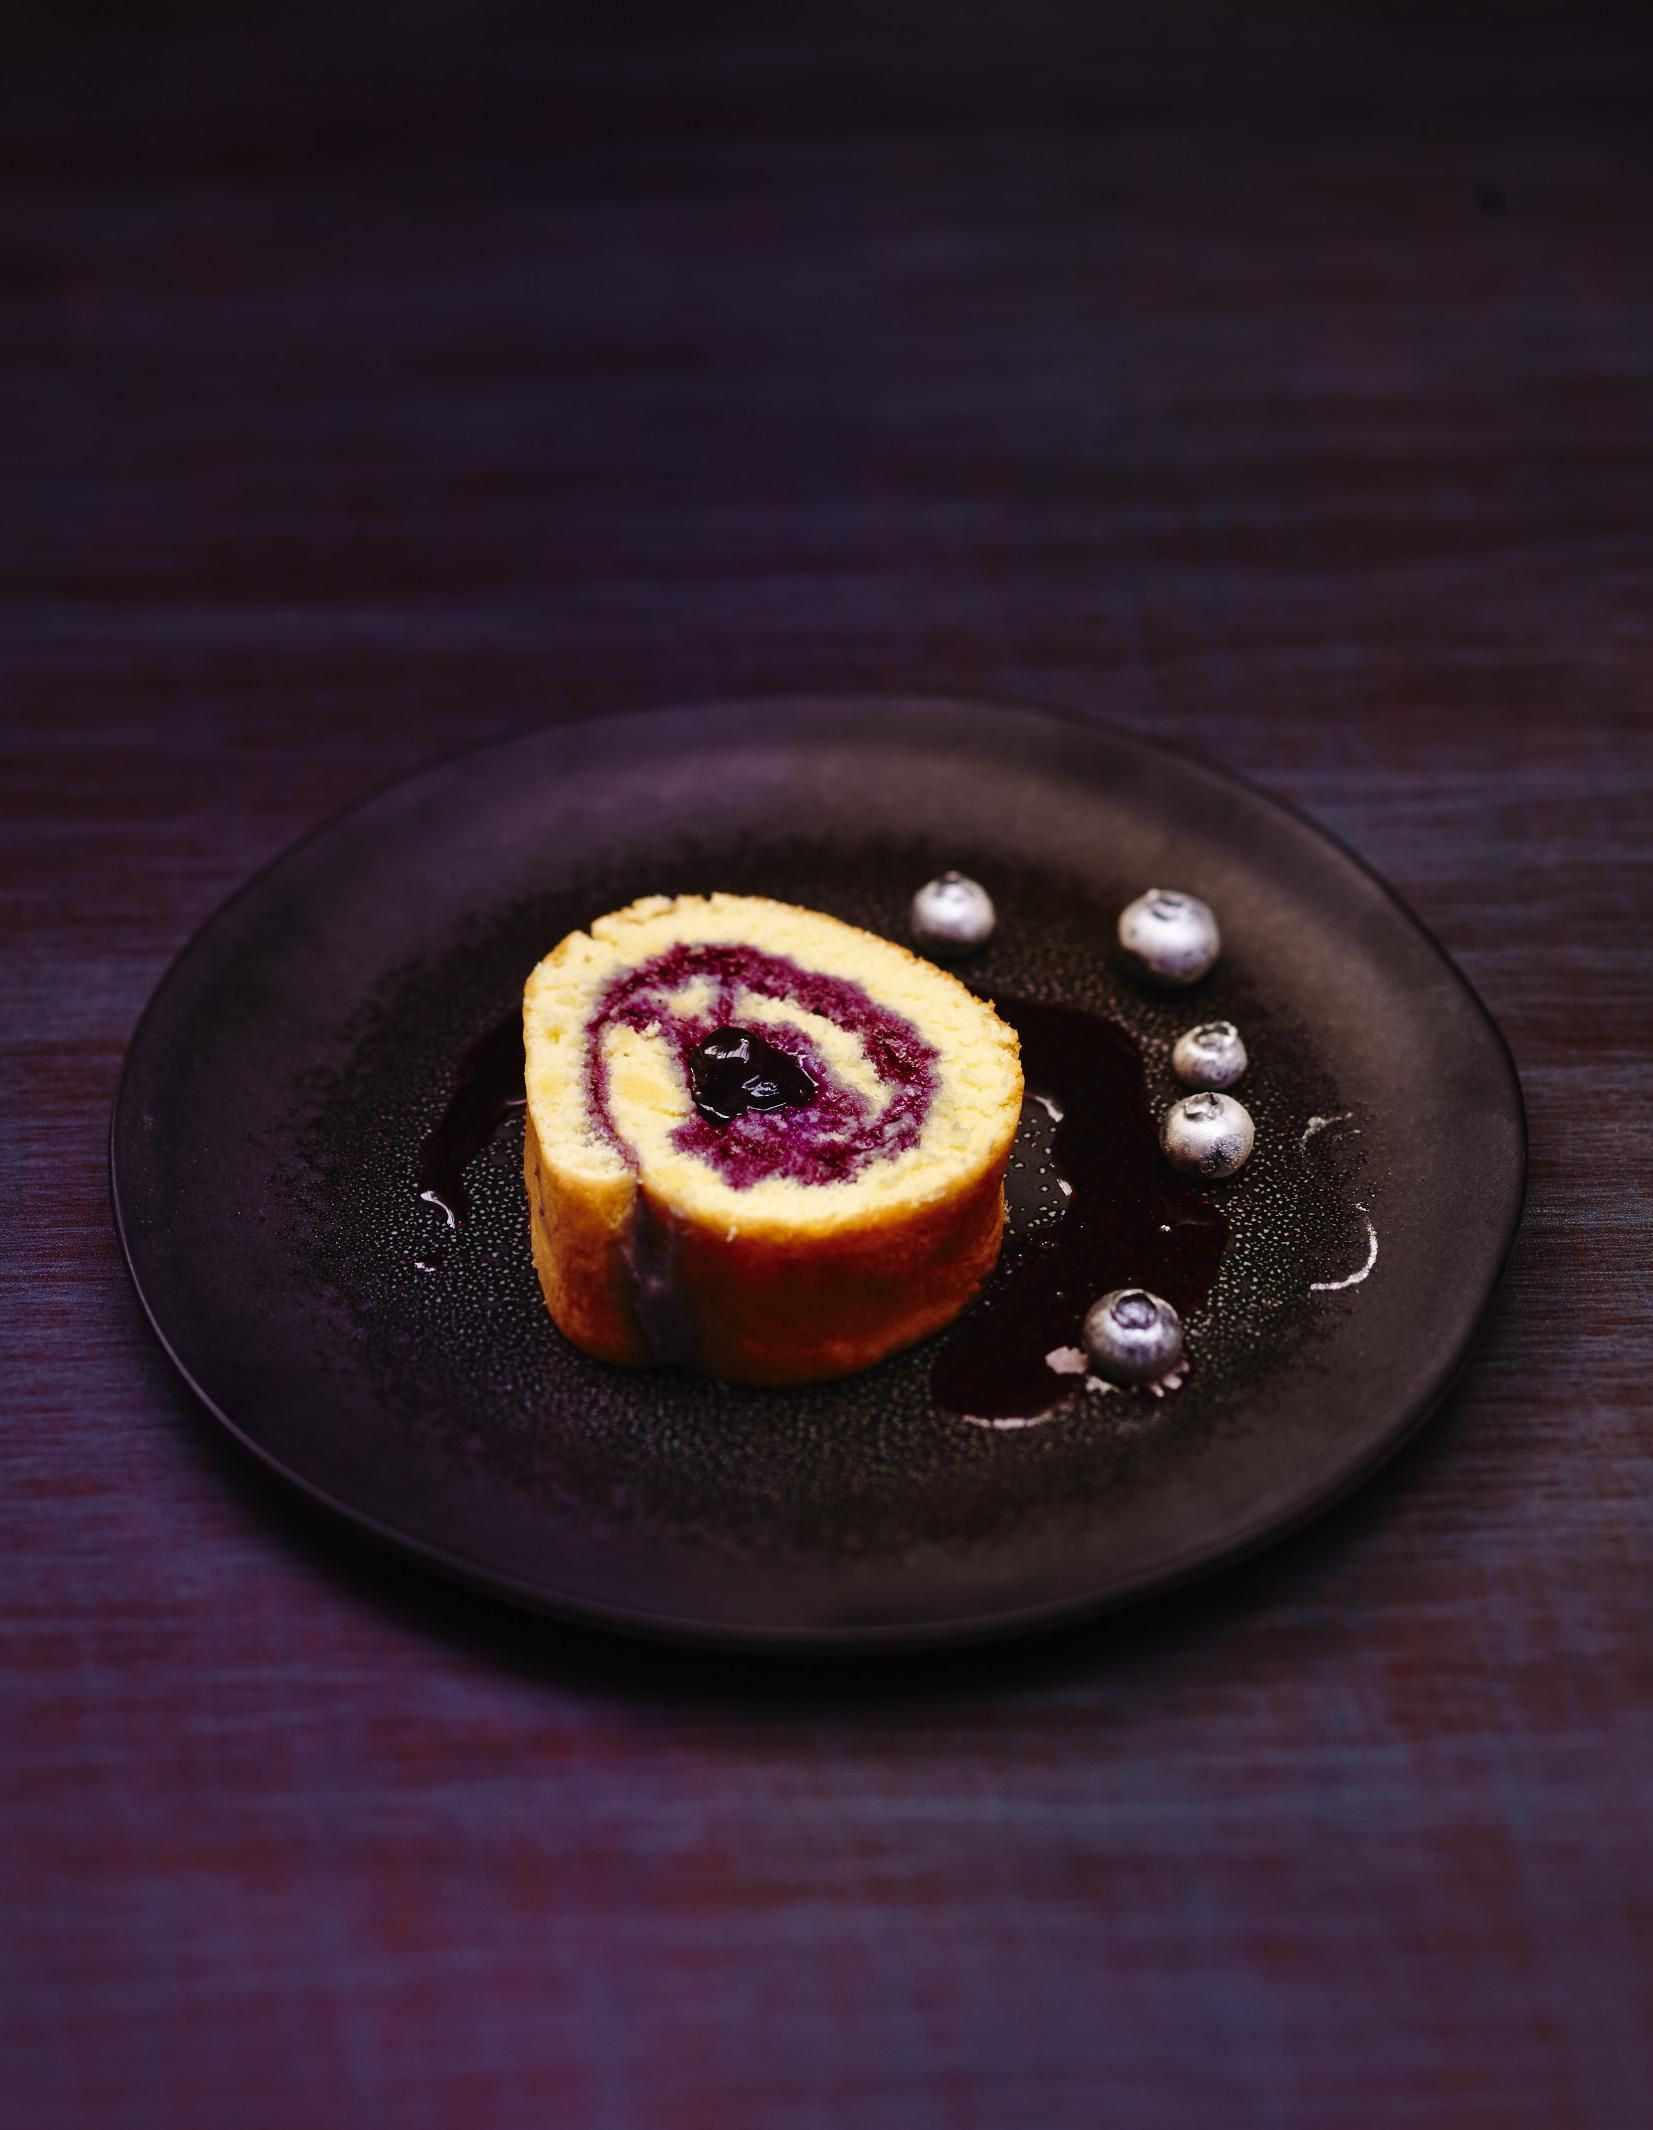 Recette Gâteau roulé aux myrtilles : Préchauffez le four sur th. 6-7/200°.Préparez le biscuit. Séparez les jaunes d'œufs des blancs, fouettez les jaunes avec le sucre jusqu'à ce que le mélange blanchisse. Ajoutez la farine, puis les blancs battus en neige avec le sucre vanillé. Etalez ...